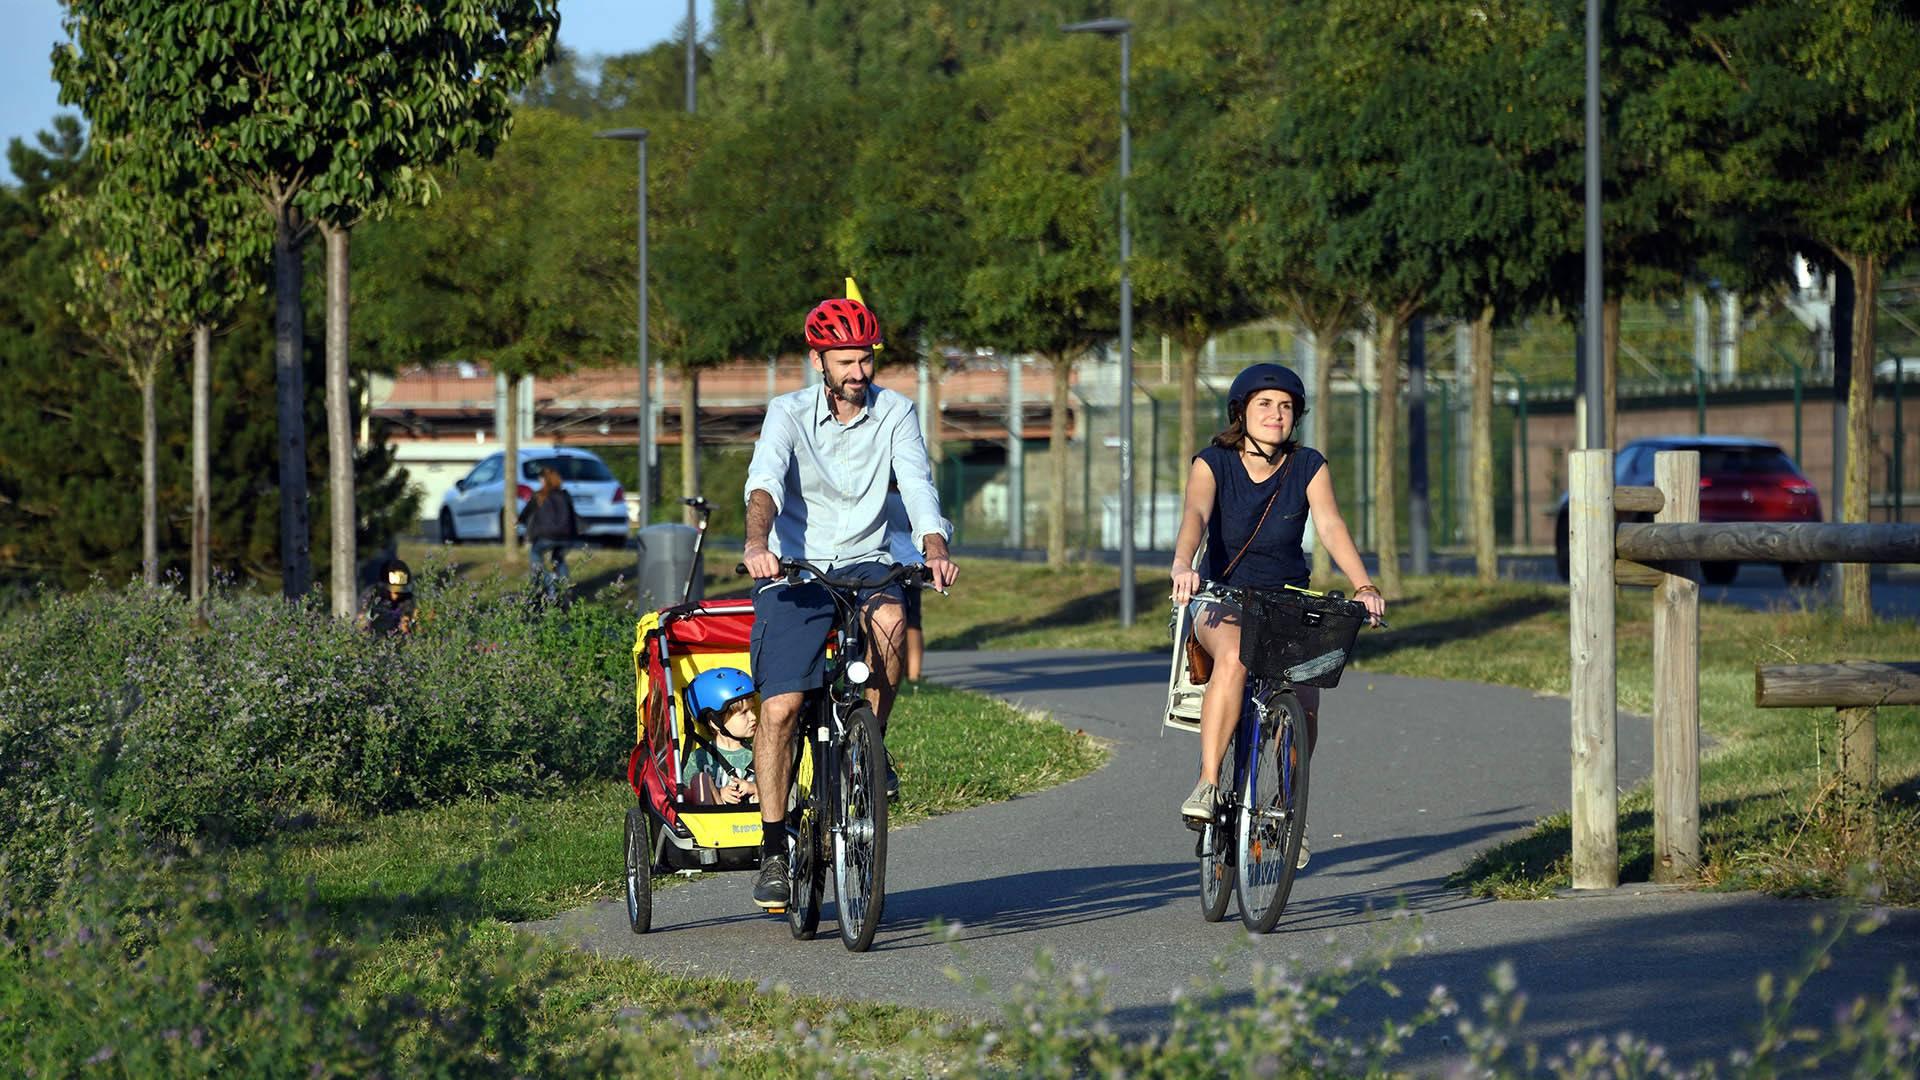 Une famille à vélo dans l'agglo : du vélo partout dans l'agglo